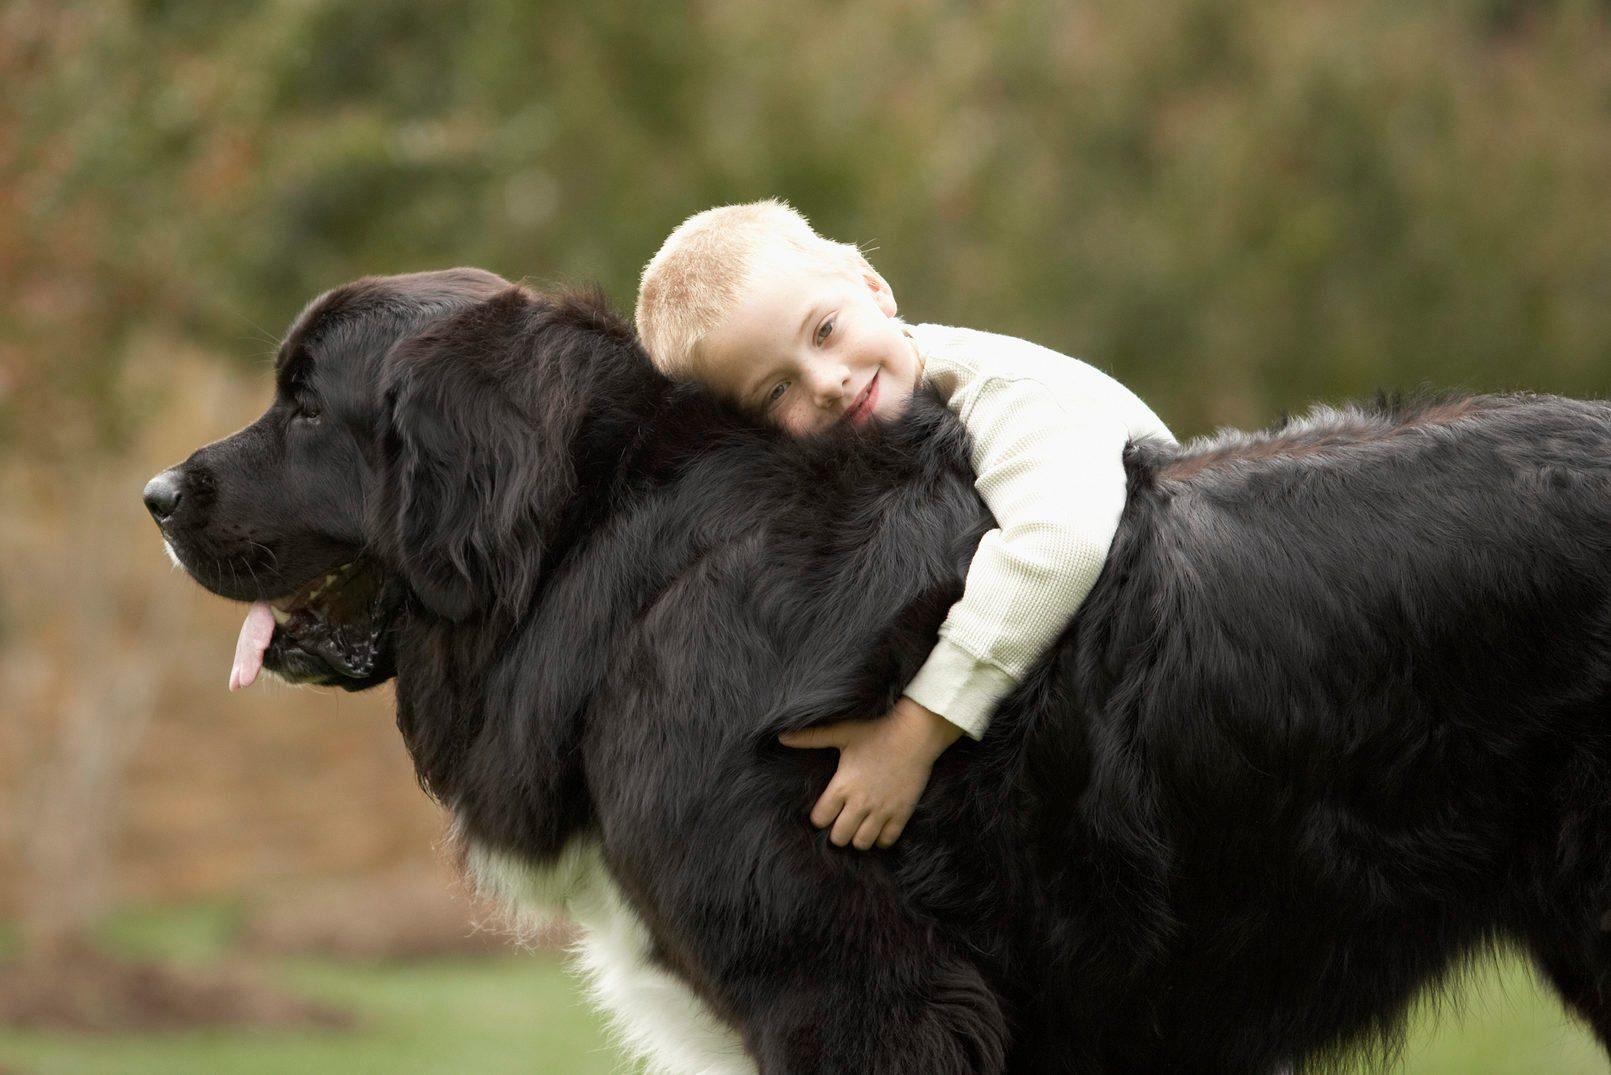 Most affectionate dog breeds - Boy (6-7) hugging black Newfoundland outdoors